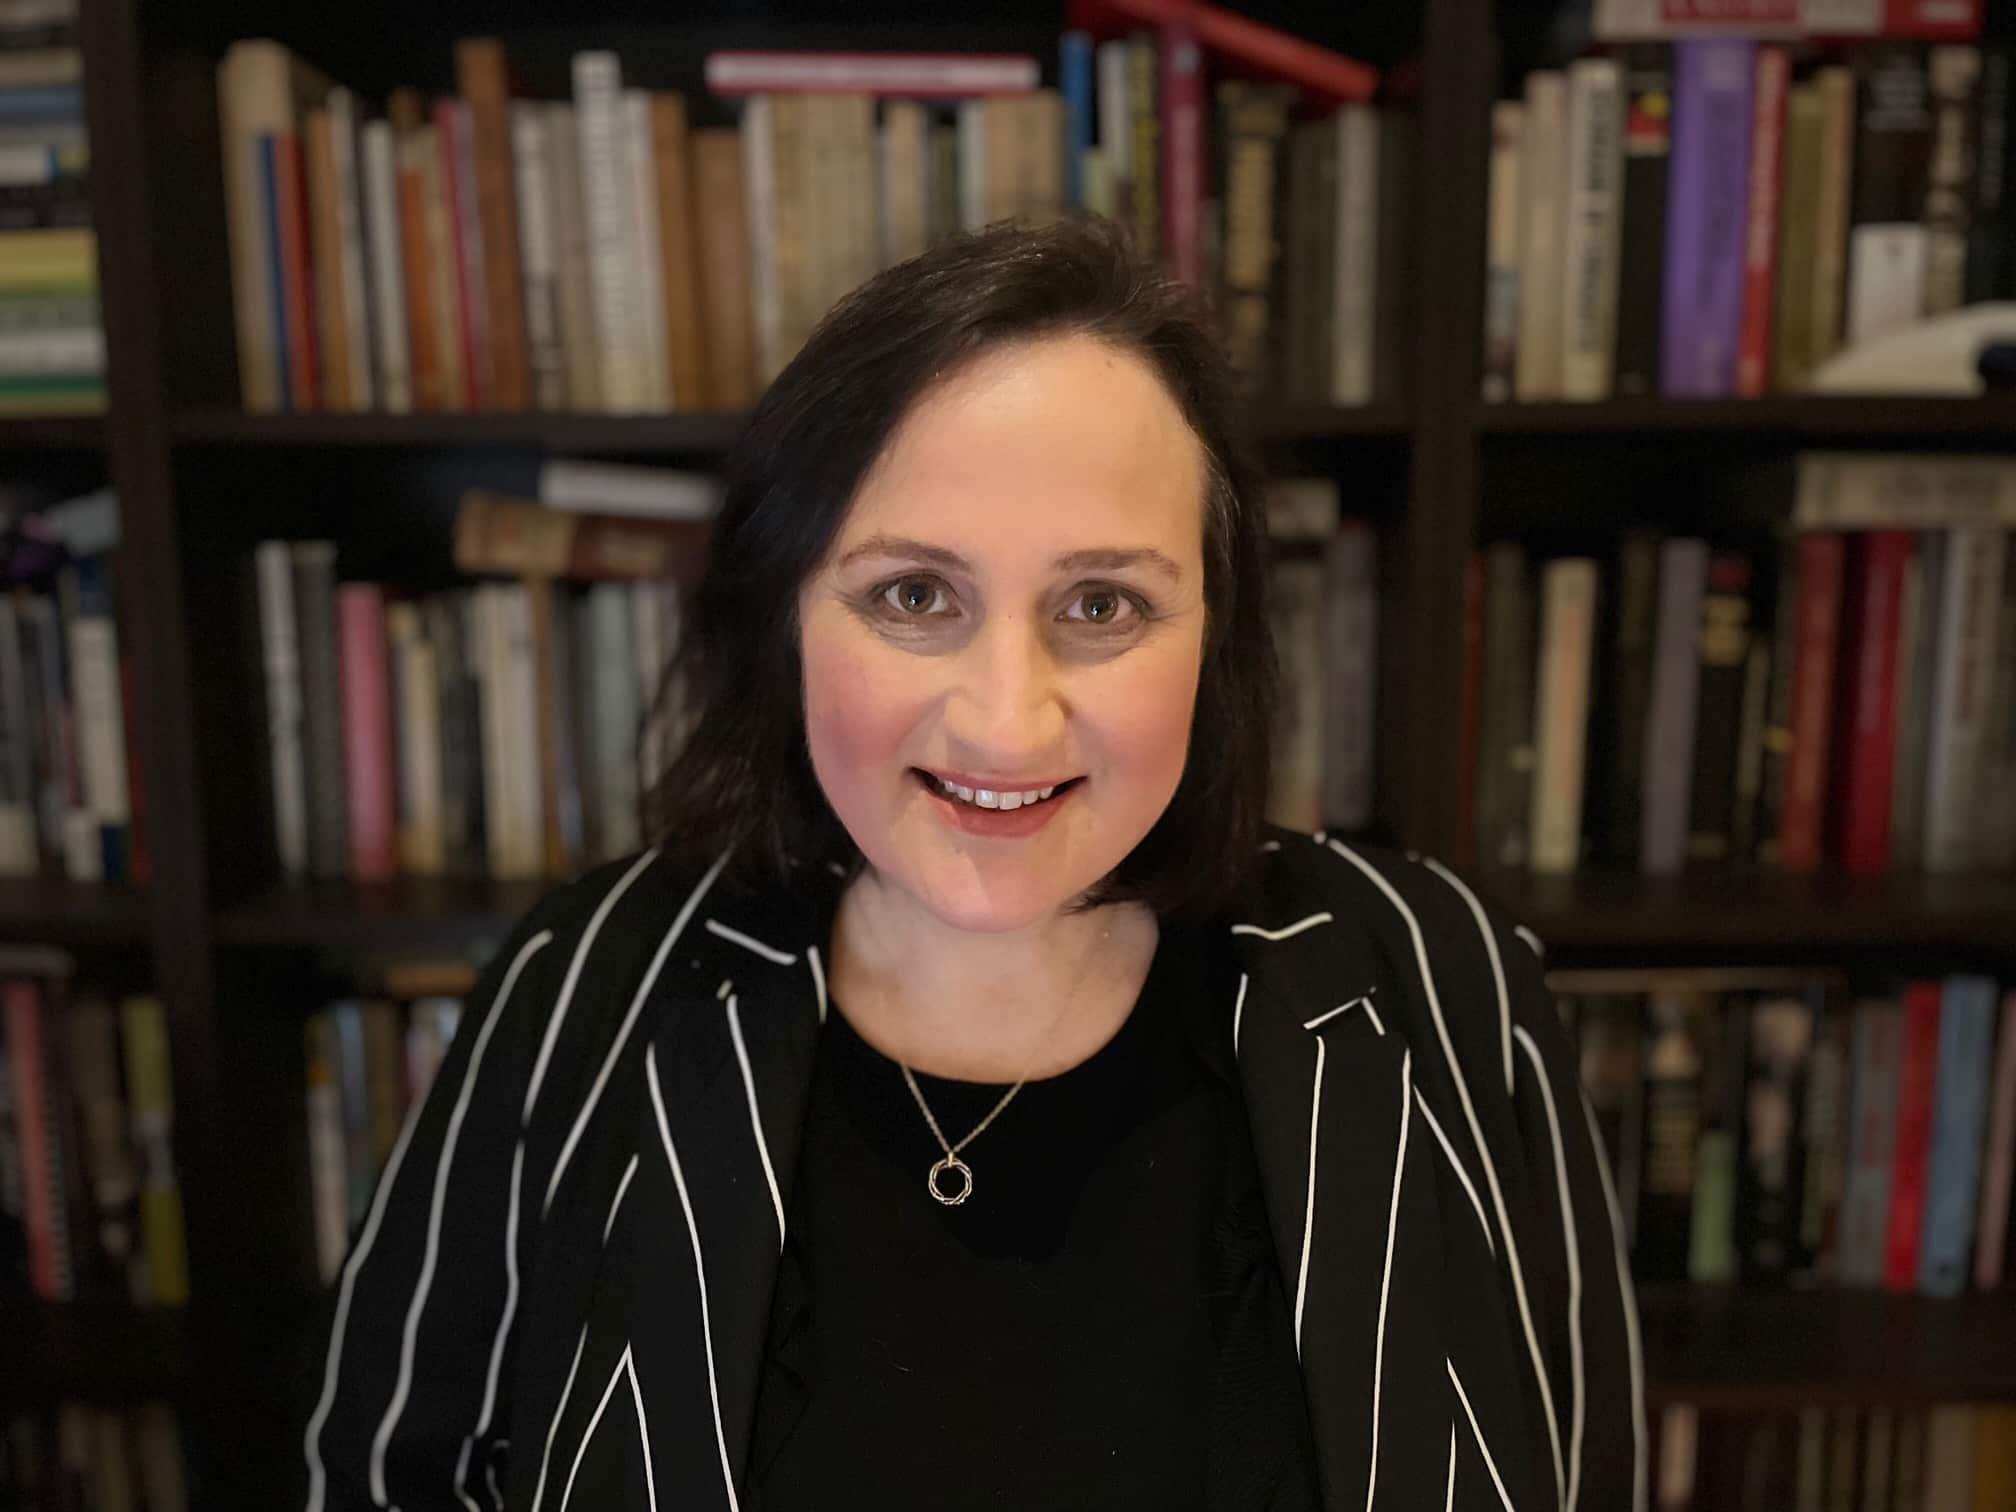 Krystyna Duszniak